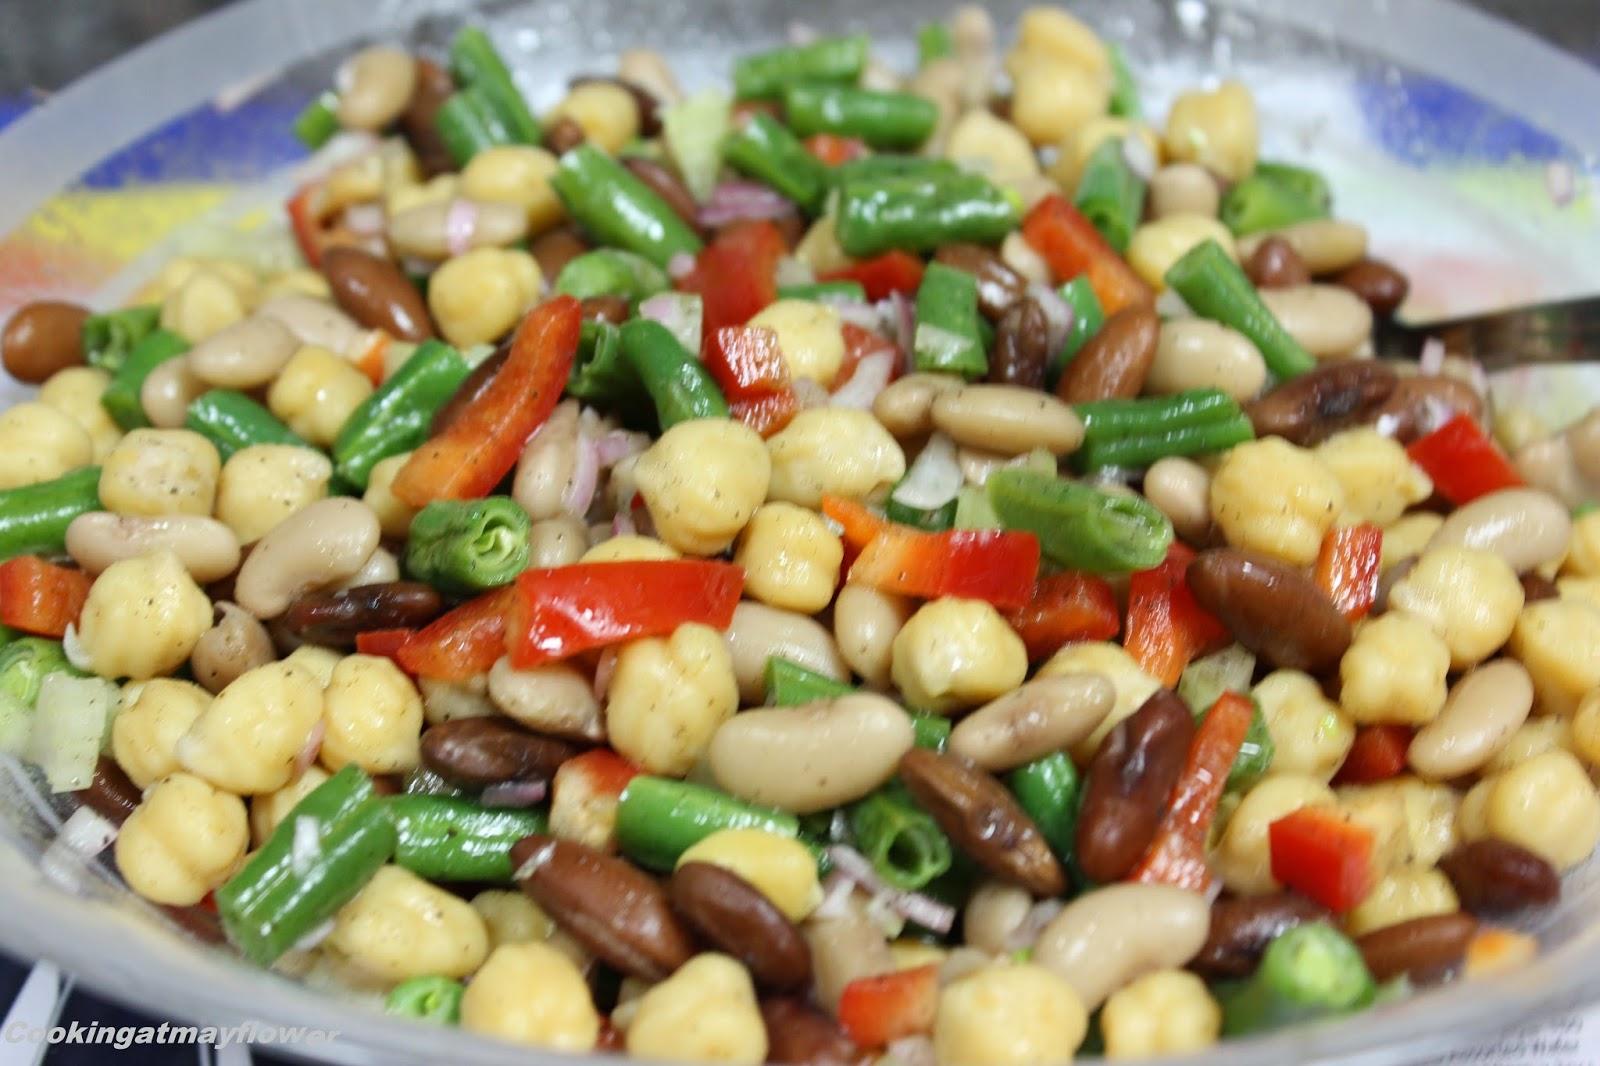 Cooking at Mayflower: Three bean salad